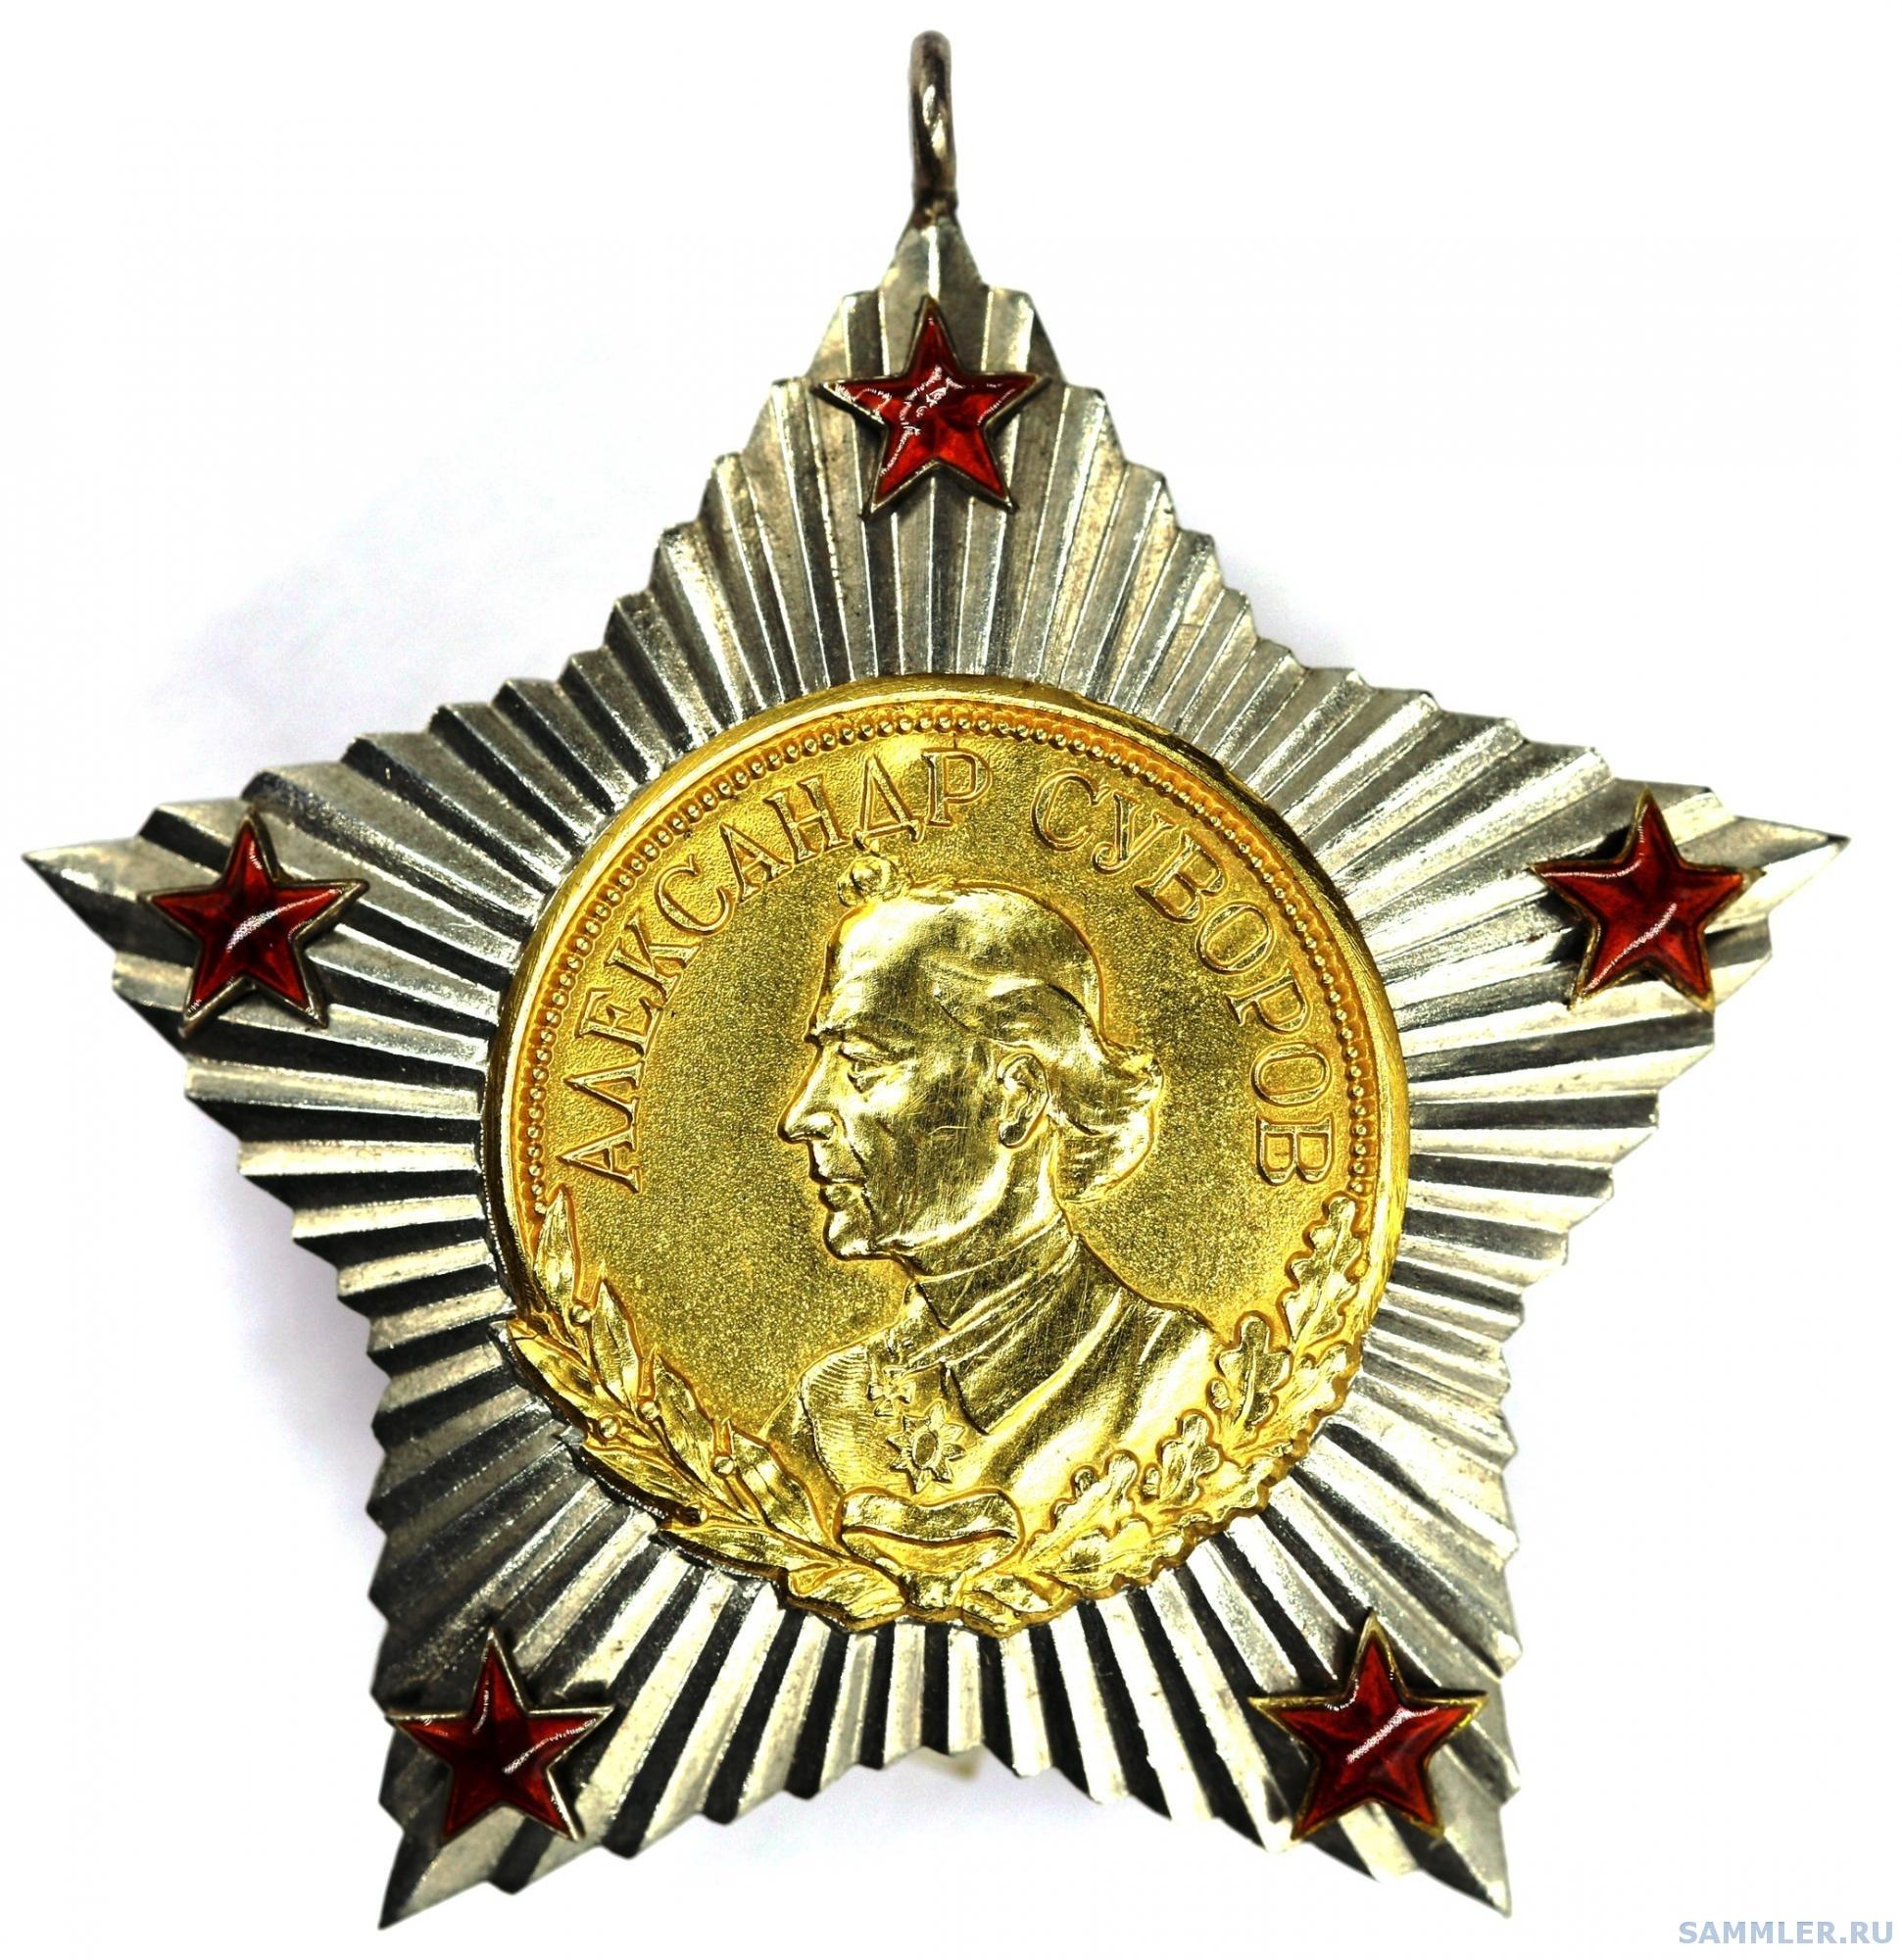 Проект ордена Суворова 2.jpg